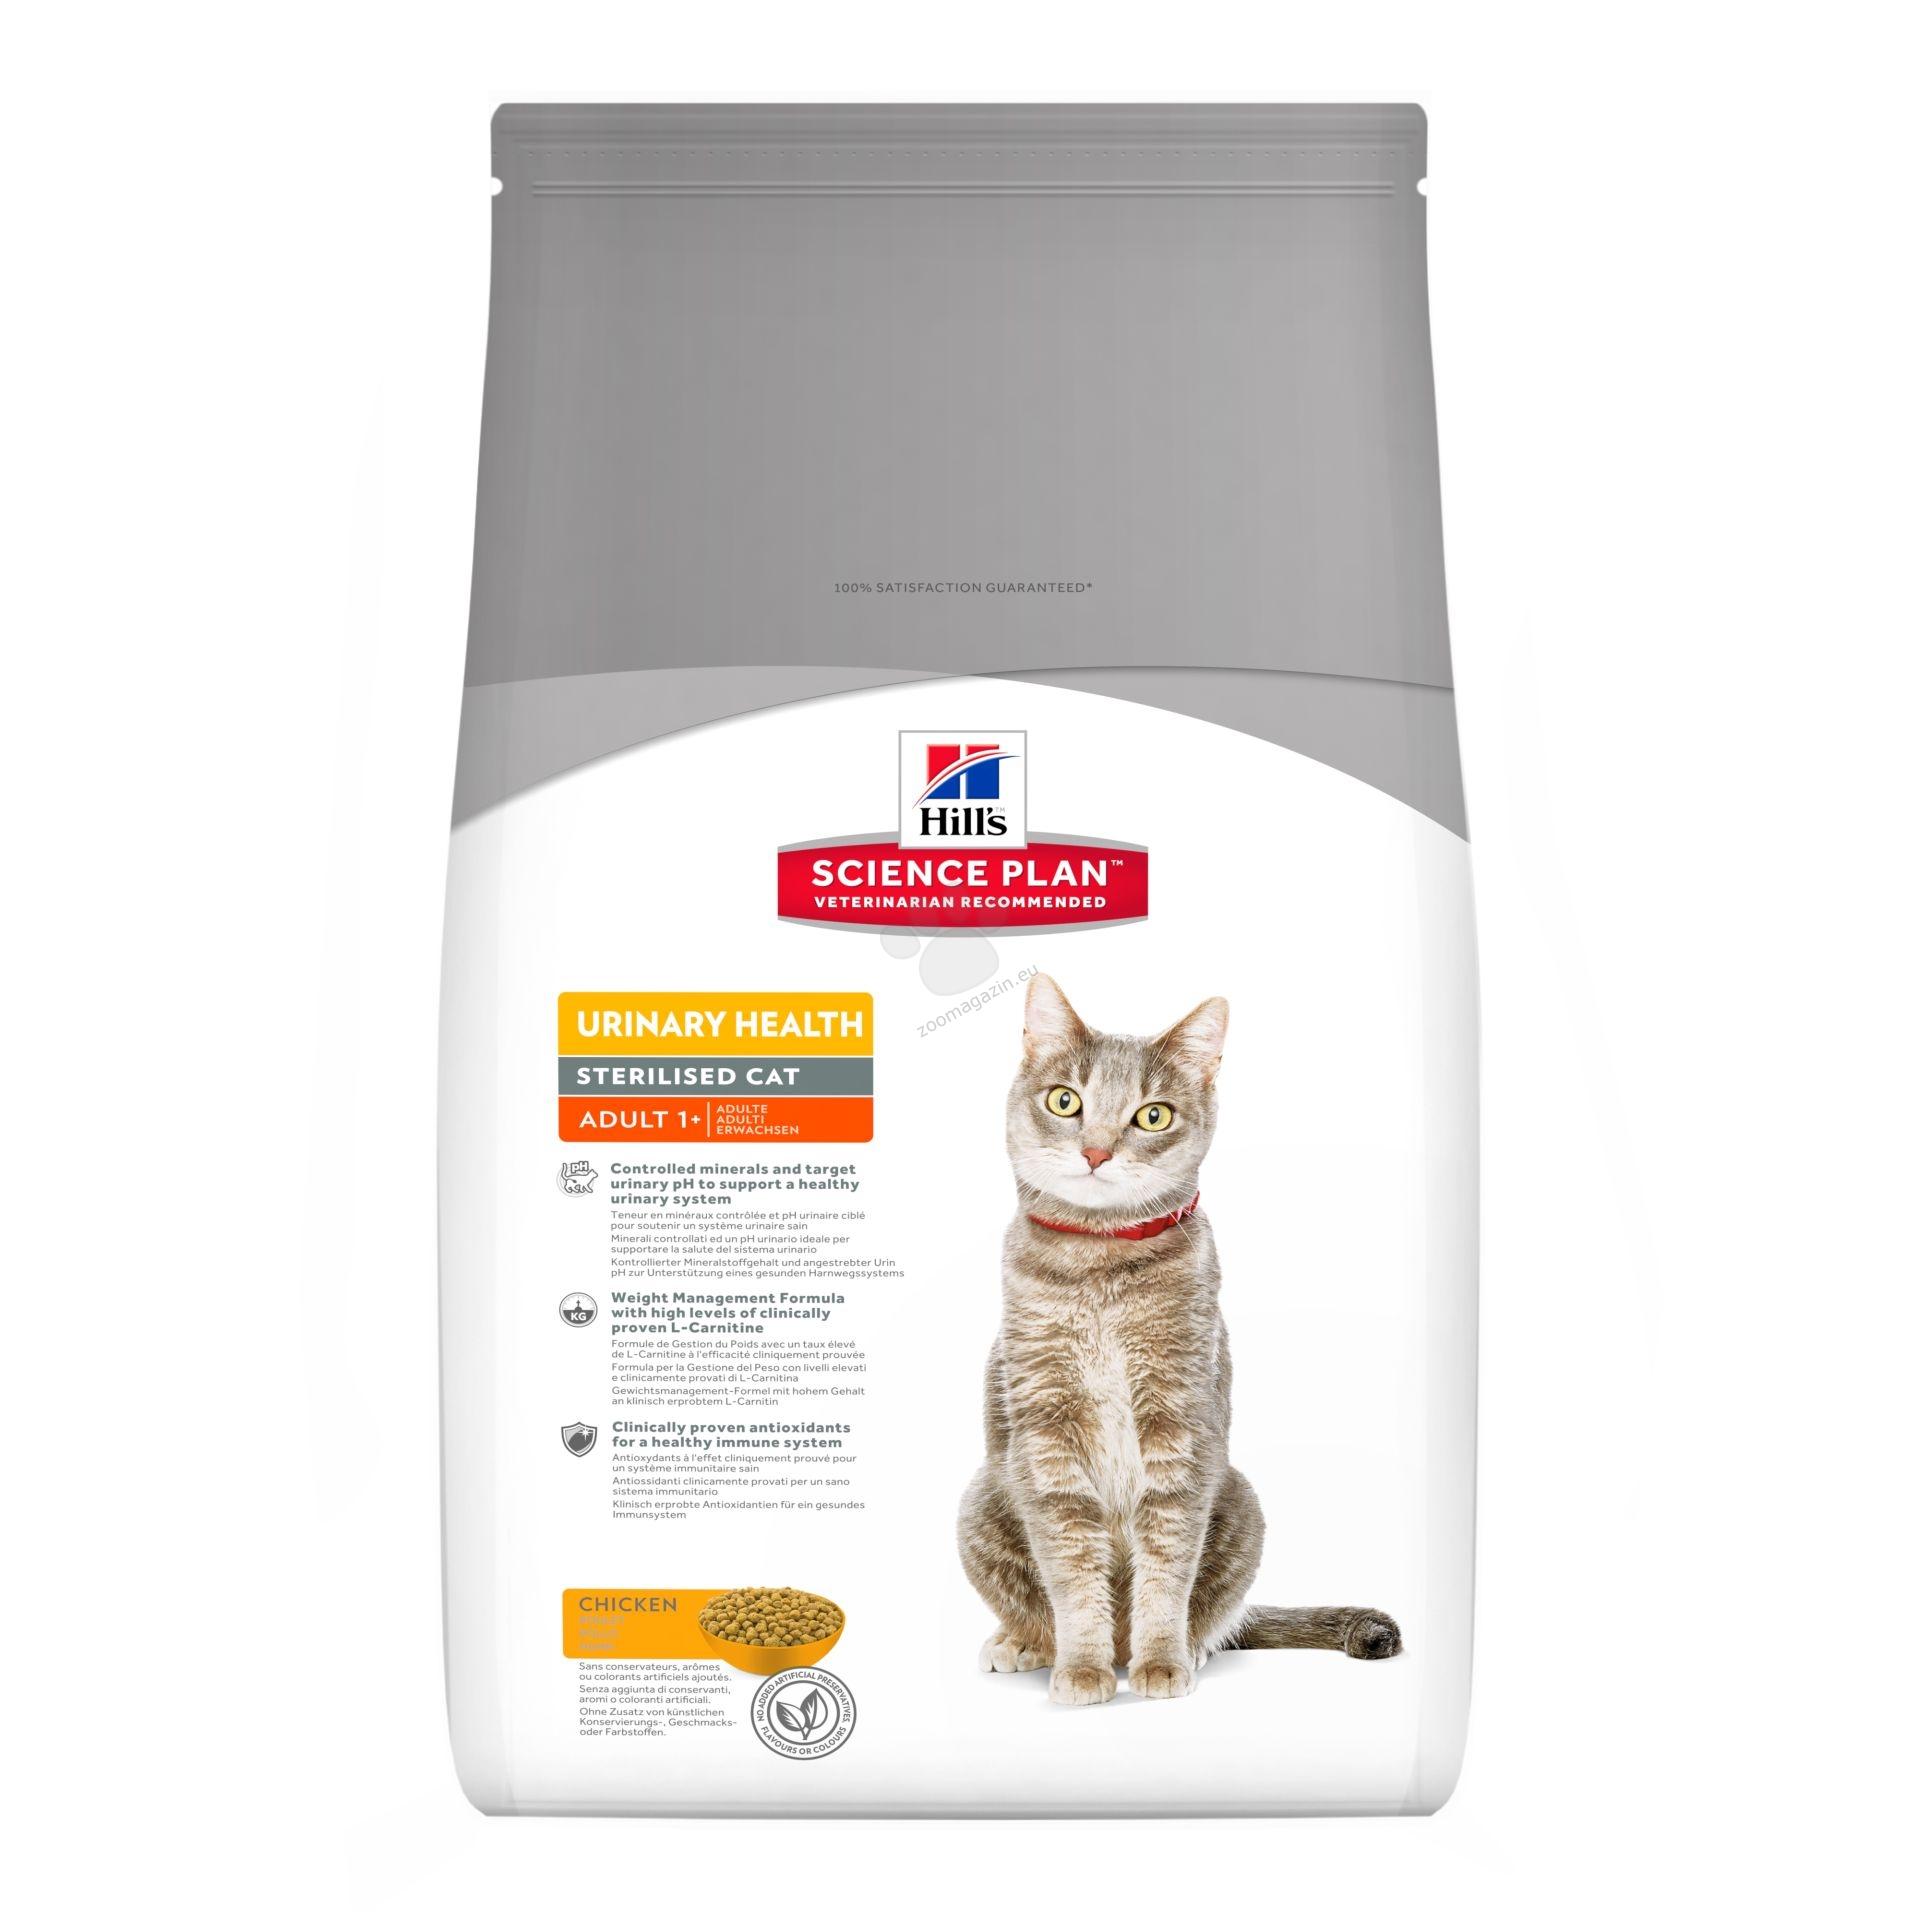 Science Plan Feline Adult Urinary&Sterilized Cat Chicken - с пилешко - за кастрирани котки и профилактика на уринарния тракт 8 кг. + ПОДАРЪК 24 бр. паучове